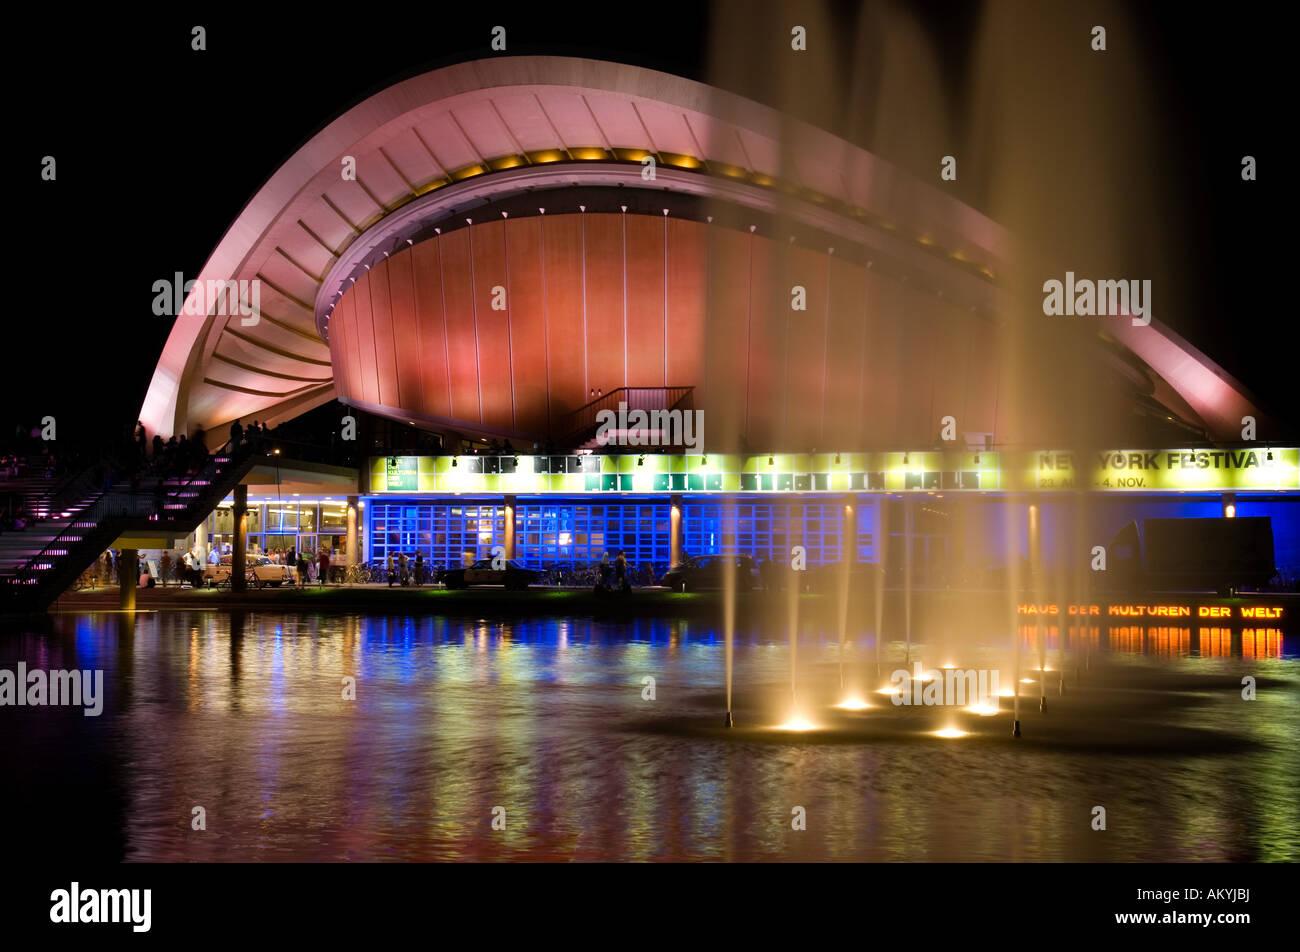 Am Abend, Haus der Kulturen der Welt, Berlin, Deutschland Stockbild